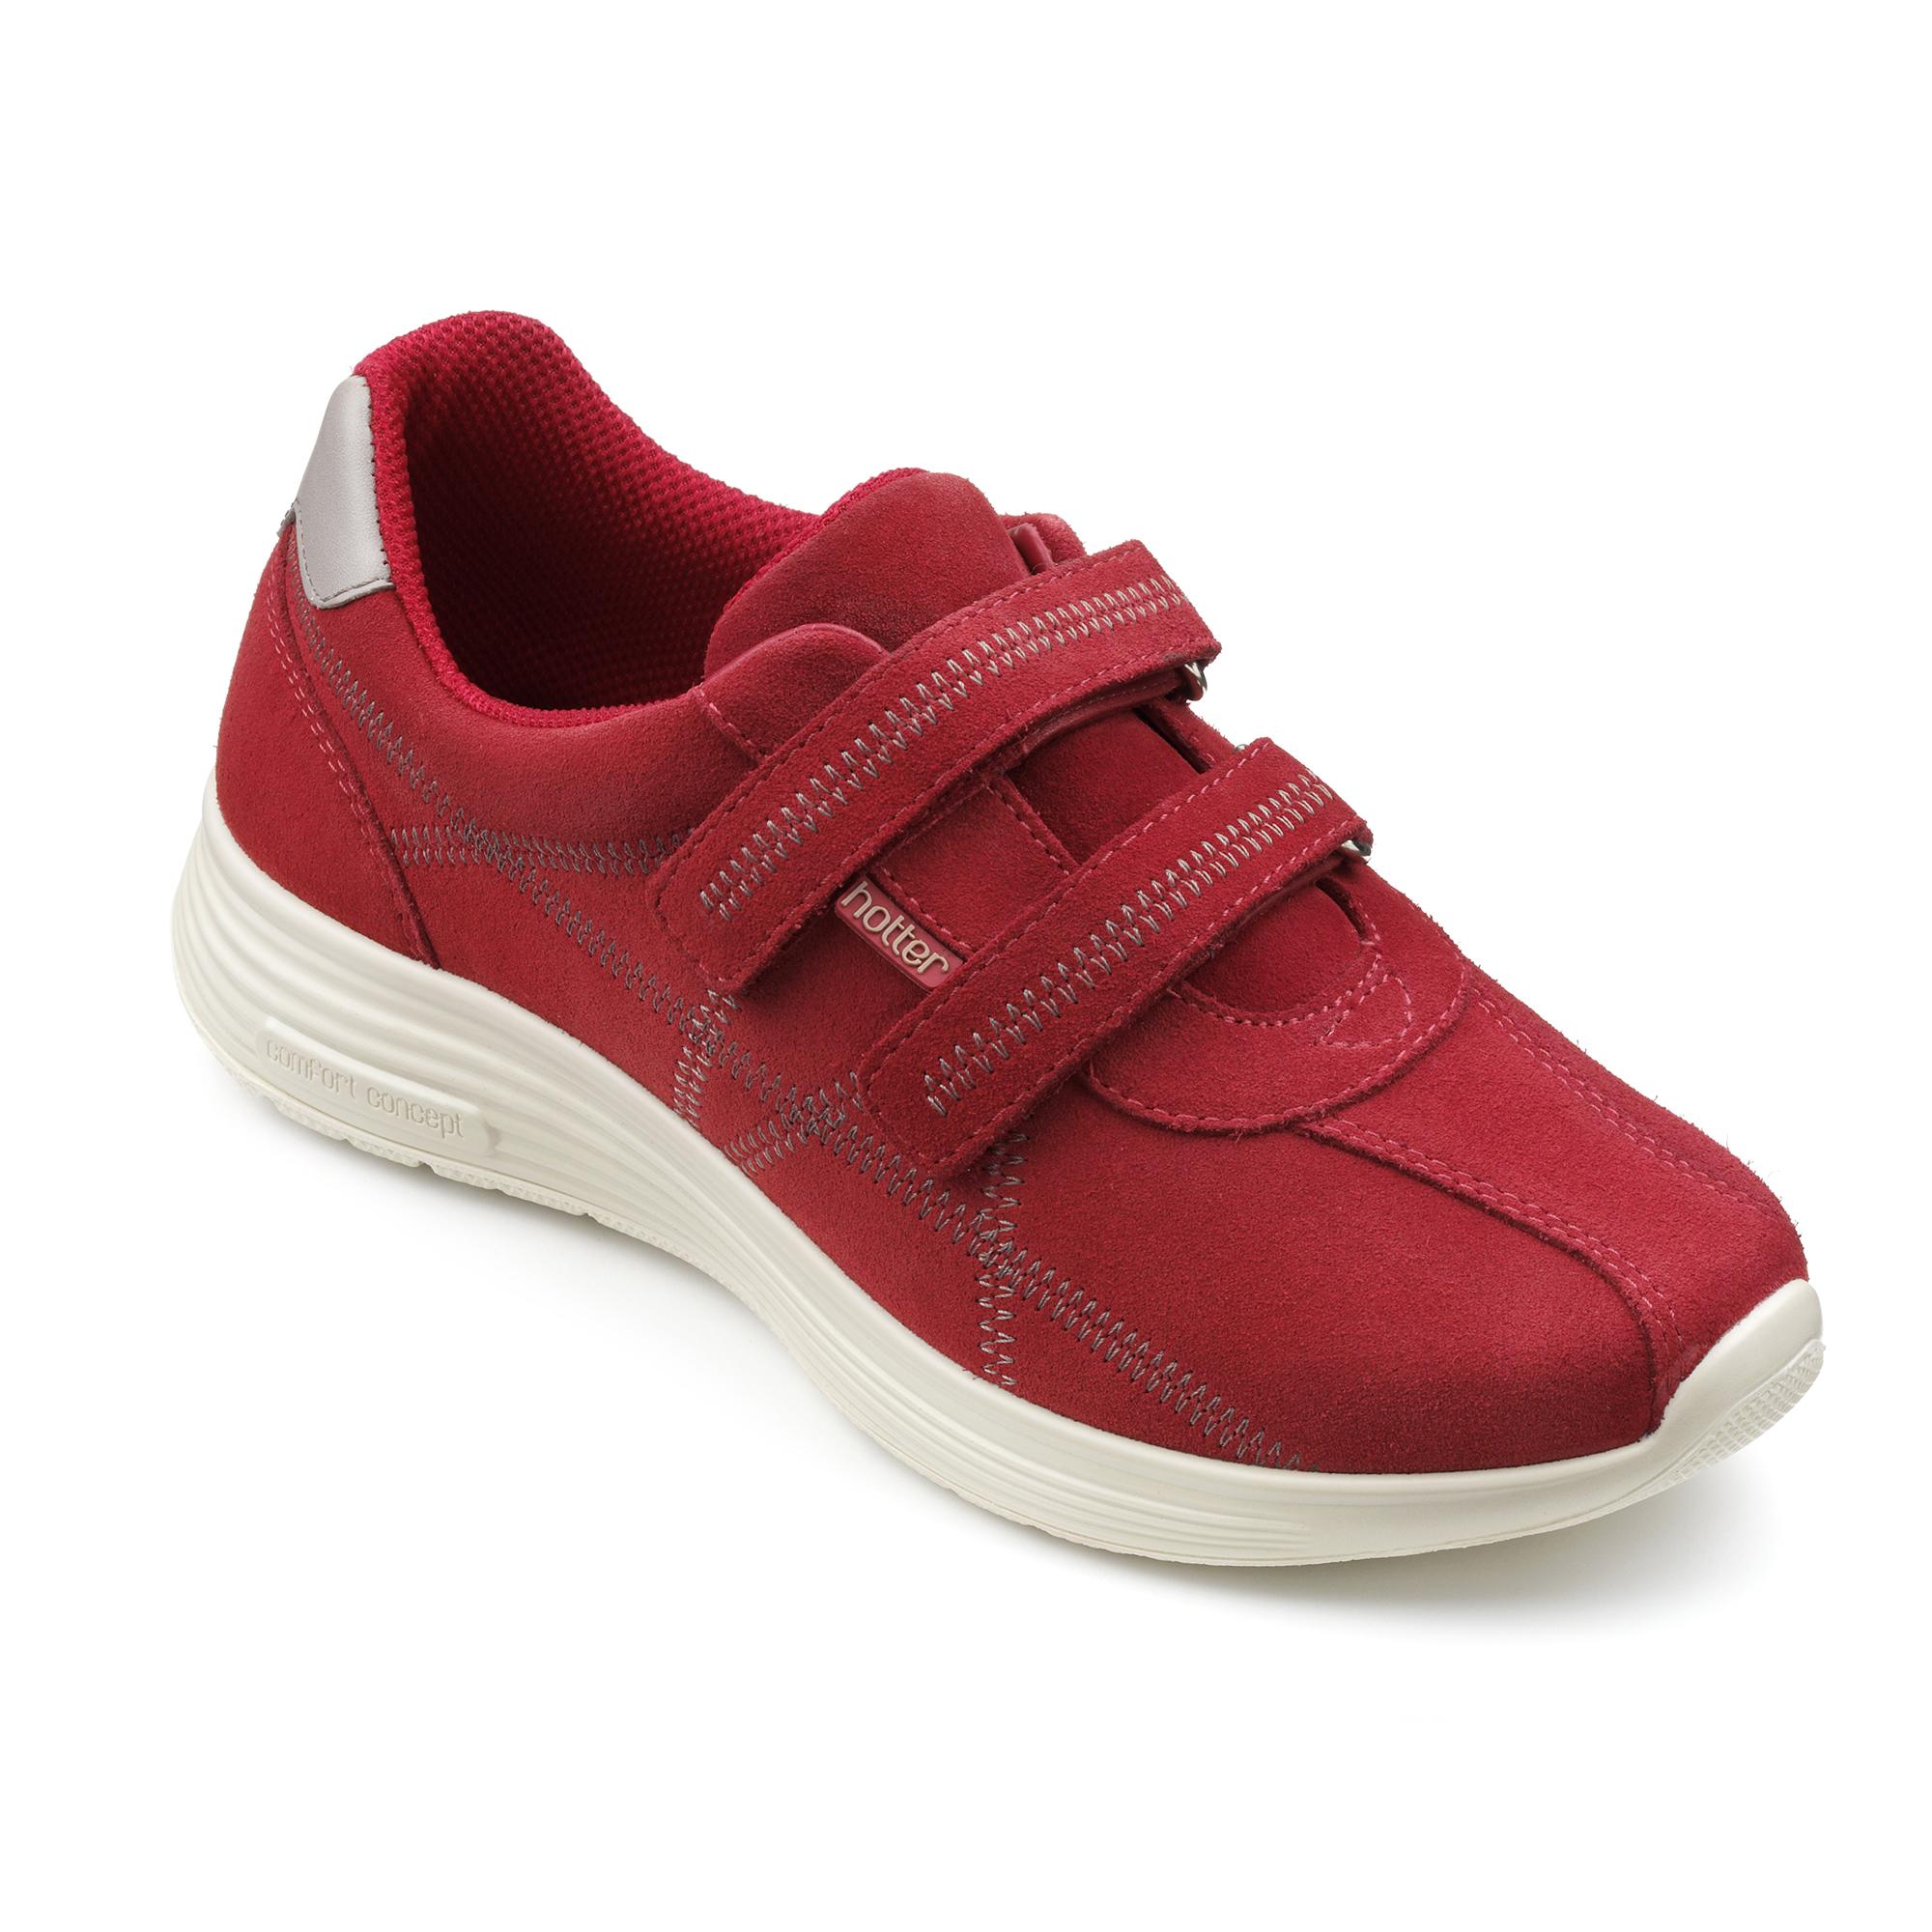 Hotter-Mujer-Astrid-Senoras-Casual-Zapatos-Calzado-Zapatillas-Cuero-Textil